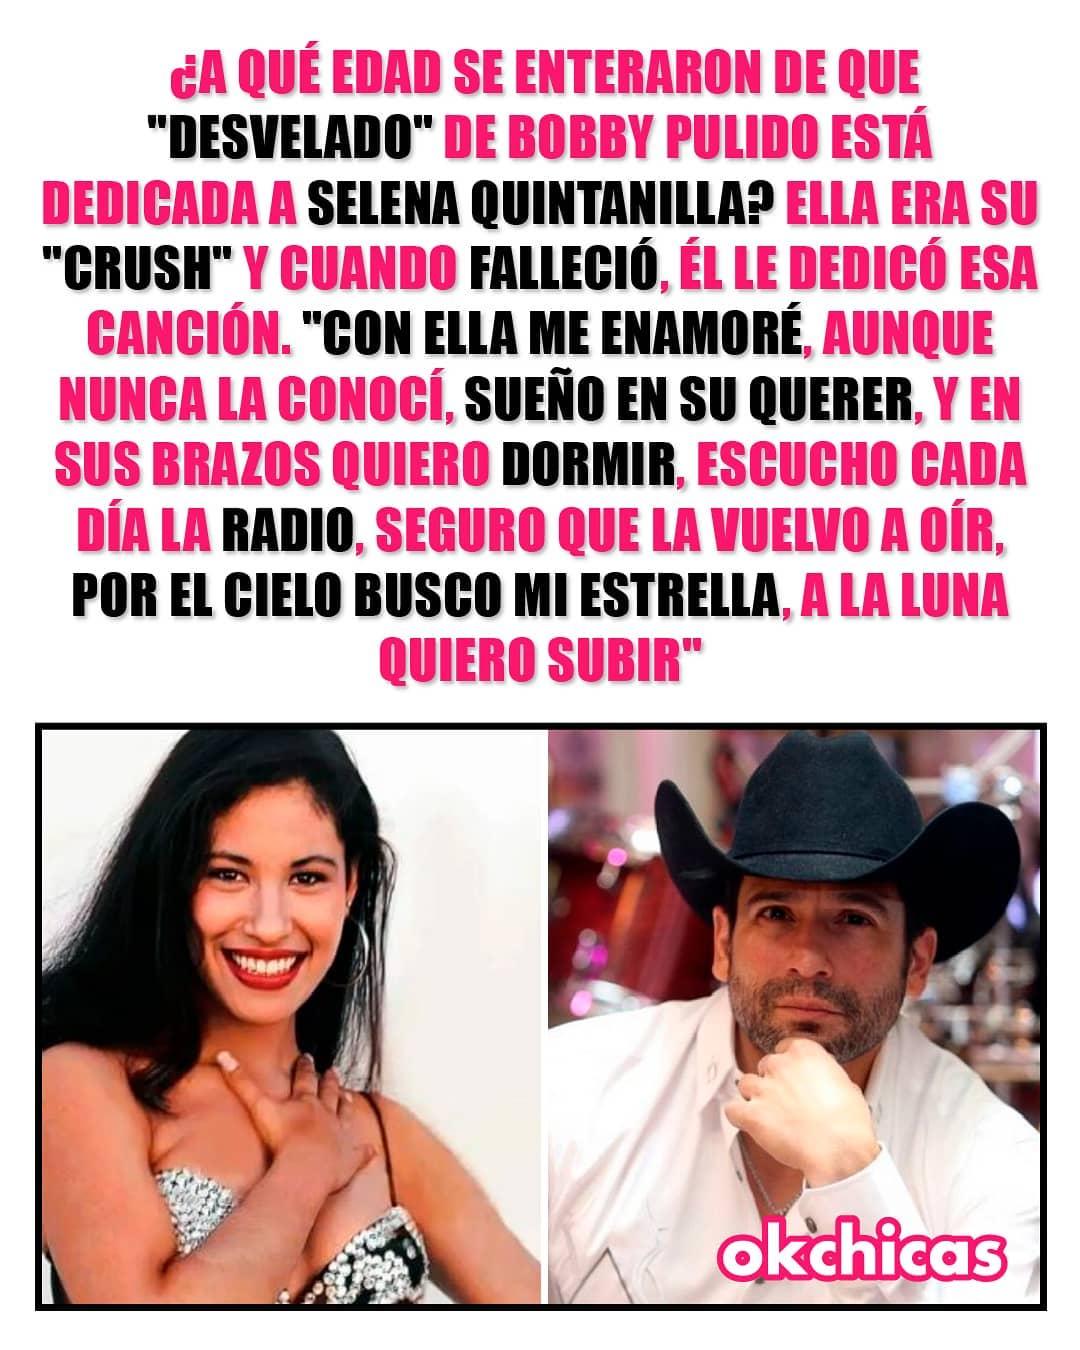 """¿A qué edad se enteraron de que """"Desvelado"""" de Bobby Pulido está dedicada a Selena Quintanilla? Ella era su crush y cuando falleció él le dedicó esa canción. Con ella me enamoré aunque nunca la conocí, sueño en su querer y en sus brazos quiero dormir, escucho cada día la radio, seguro que la vuelvo a oír, por el cielo busco mi estrella, a la luna quiero subir."""